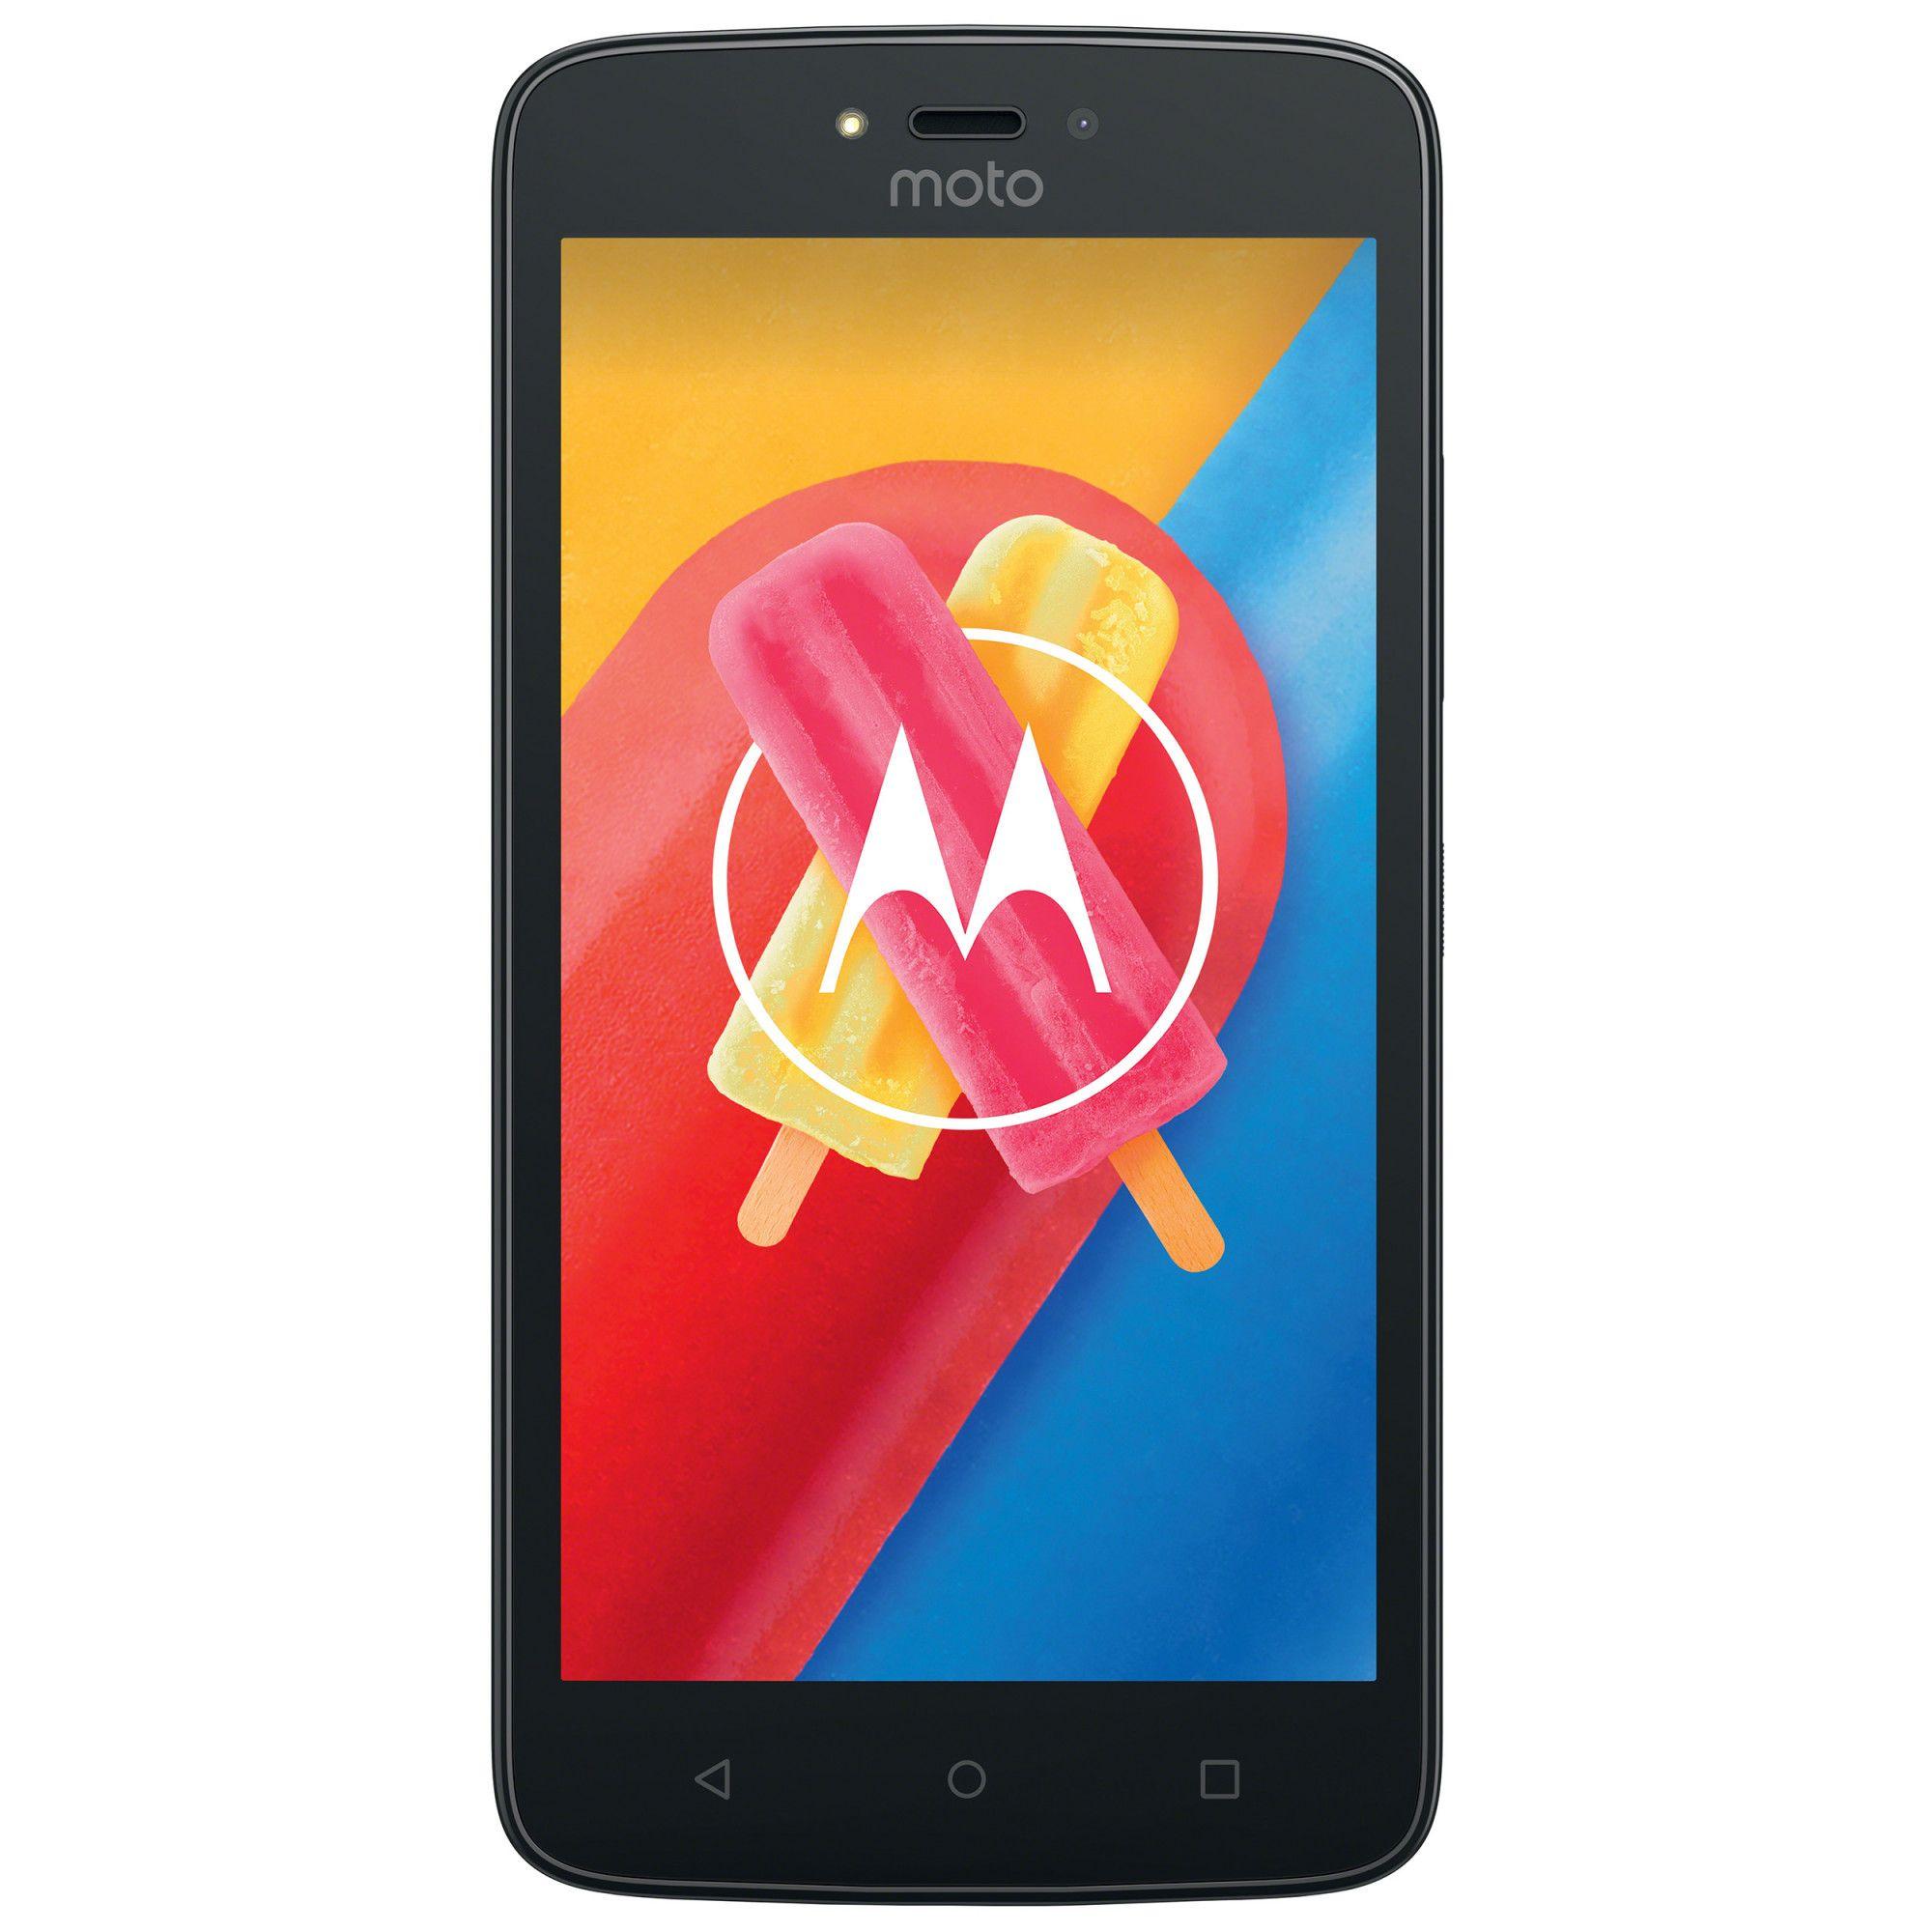 Telefon Mobil Motorola Moto C 8GB Flash 1GB RAM Dual SIM 4G Gold